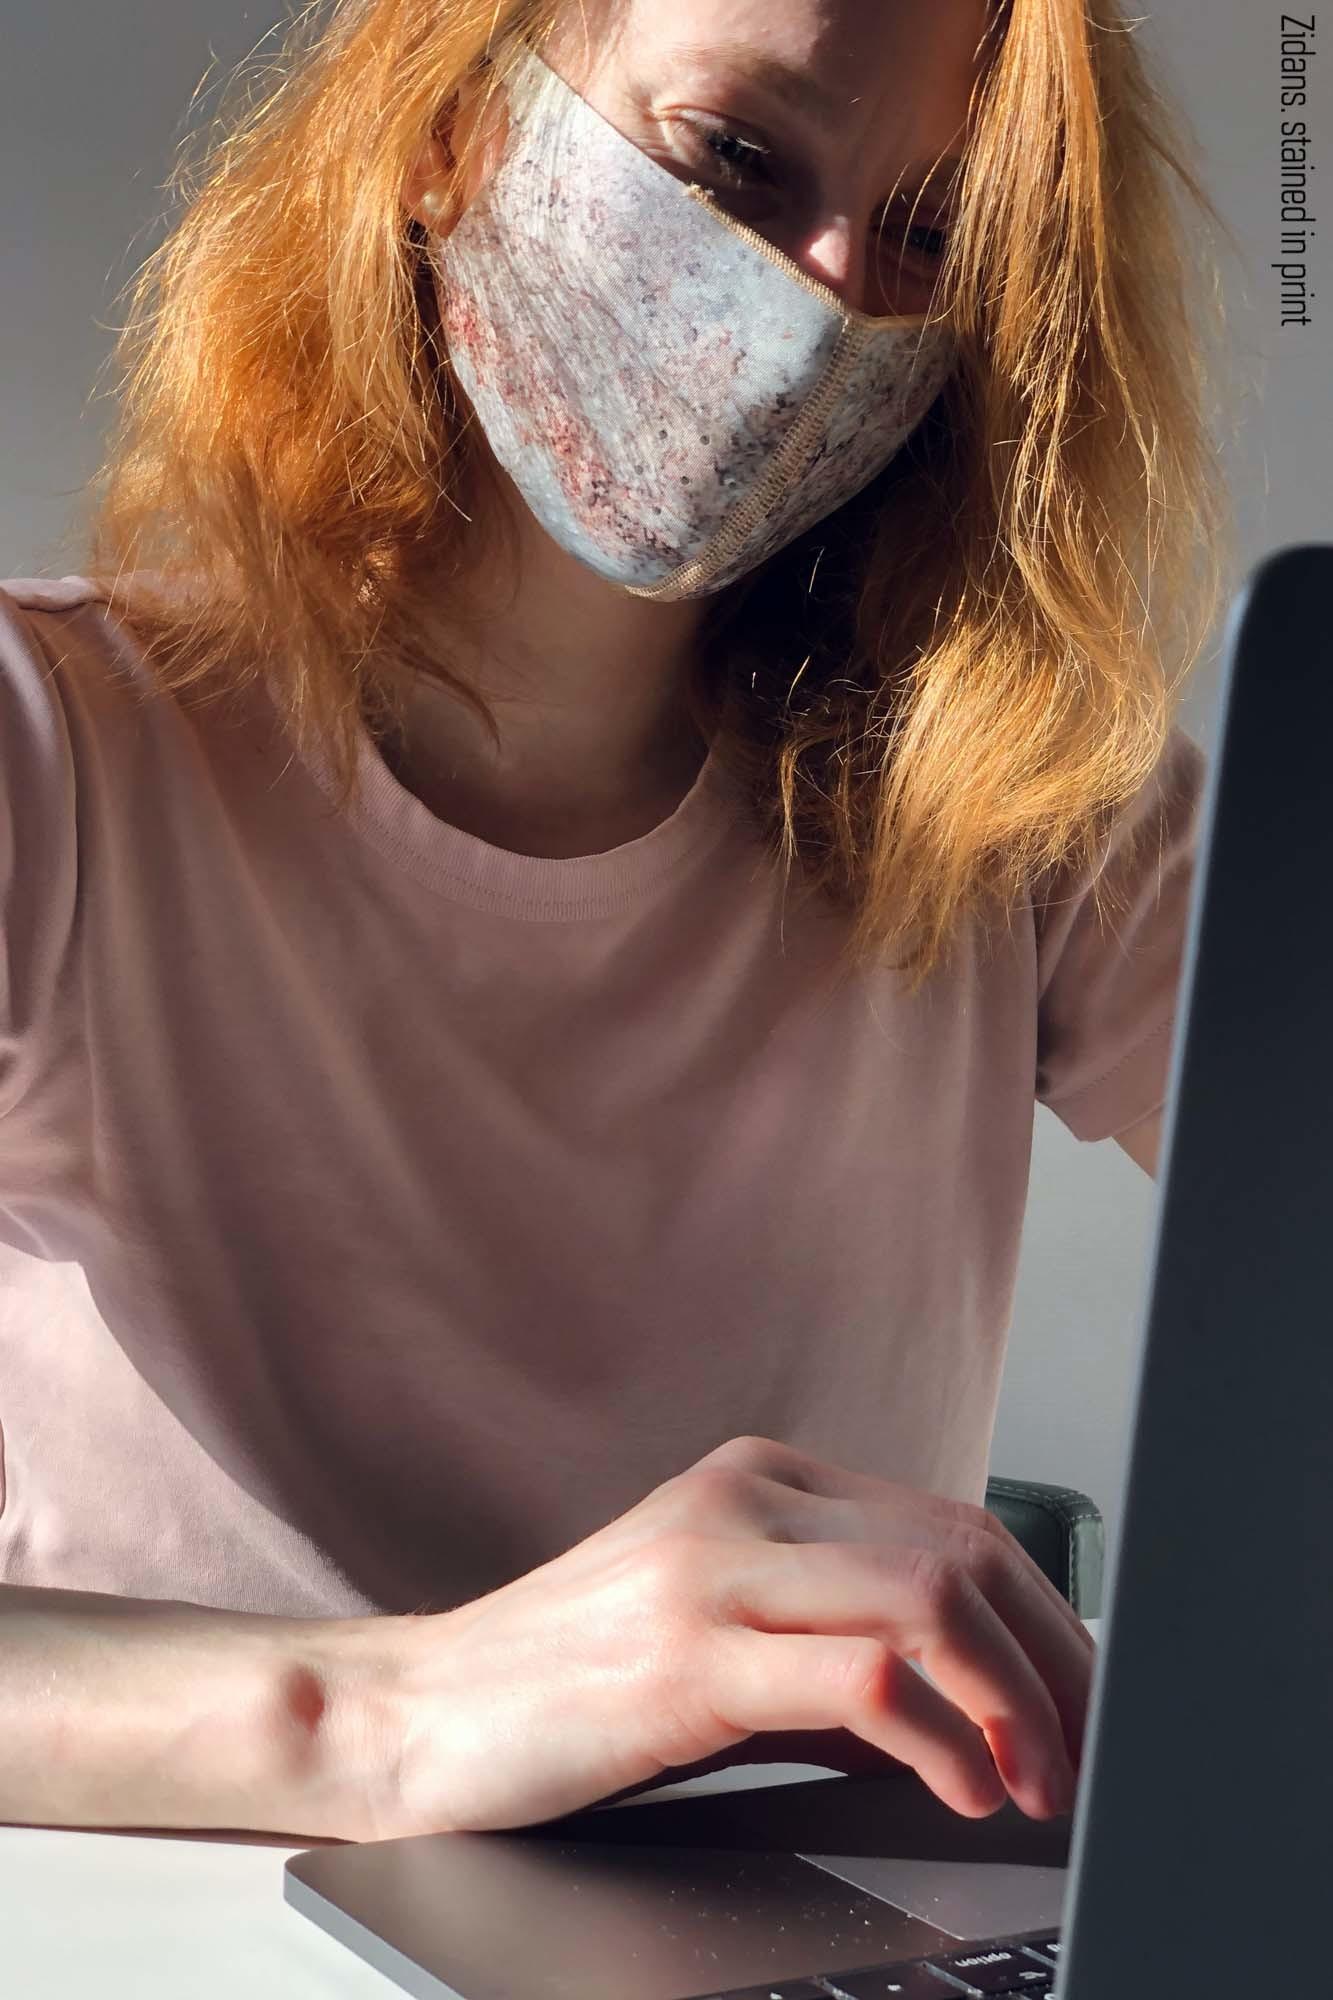 Многоразовая маска, испачканная принтом